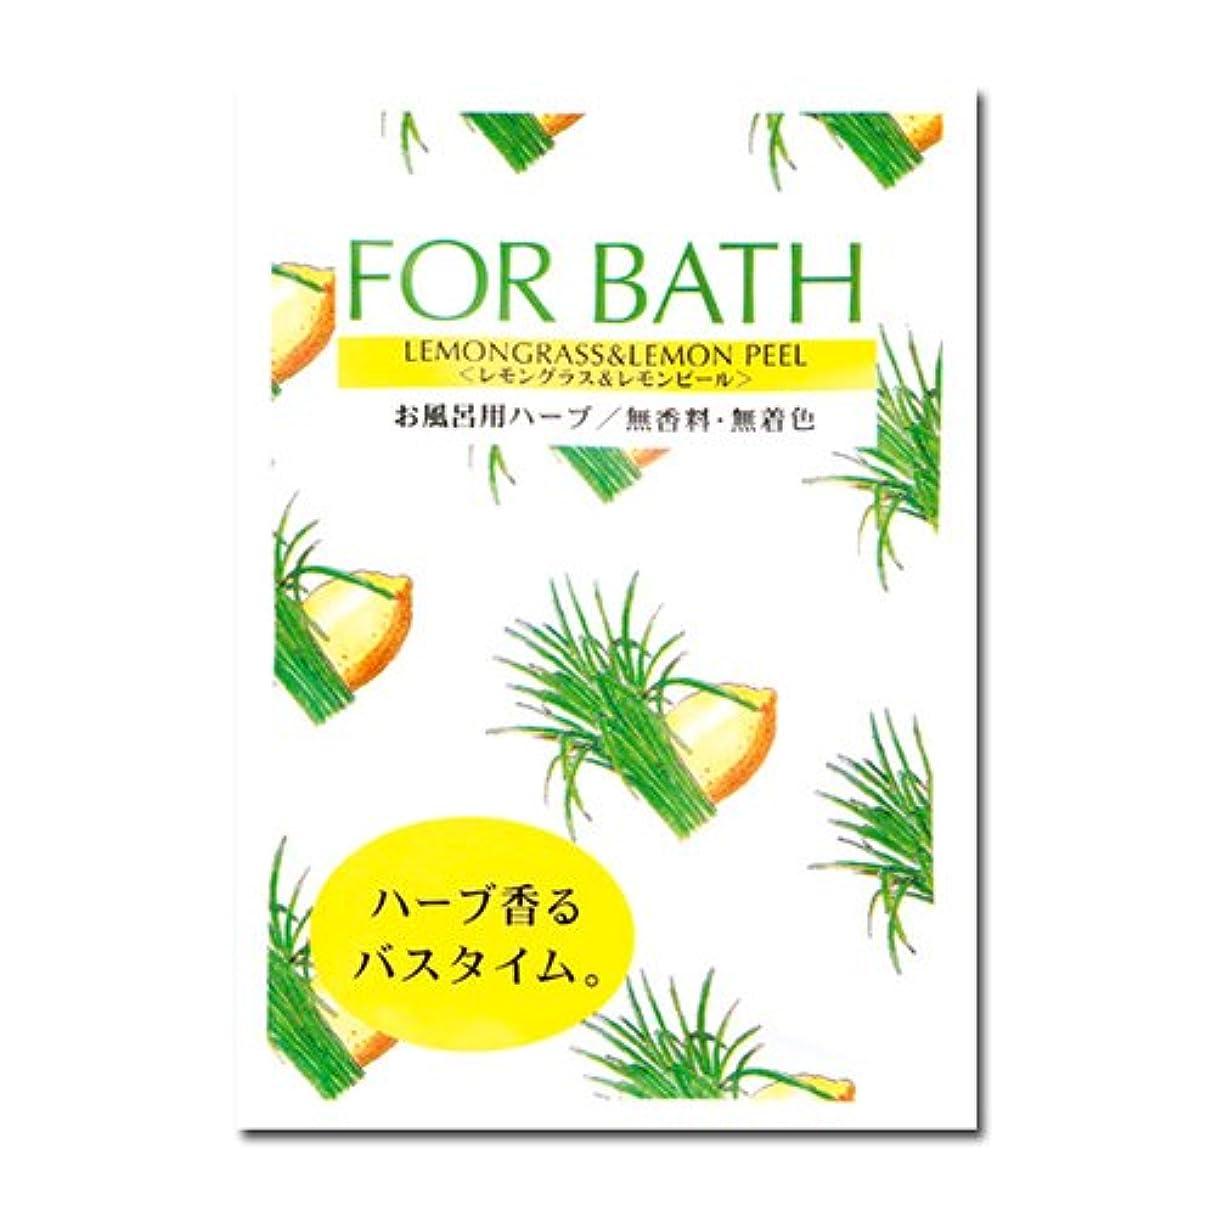 裁定エントリ収穫フォアバス レモングラス&レモンピールx30袋[フォアバス/入浴剤/ハーブ]